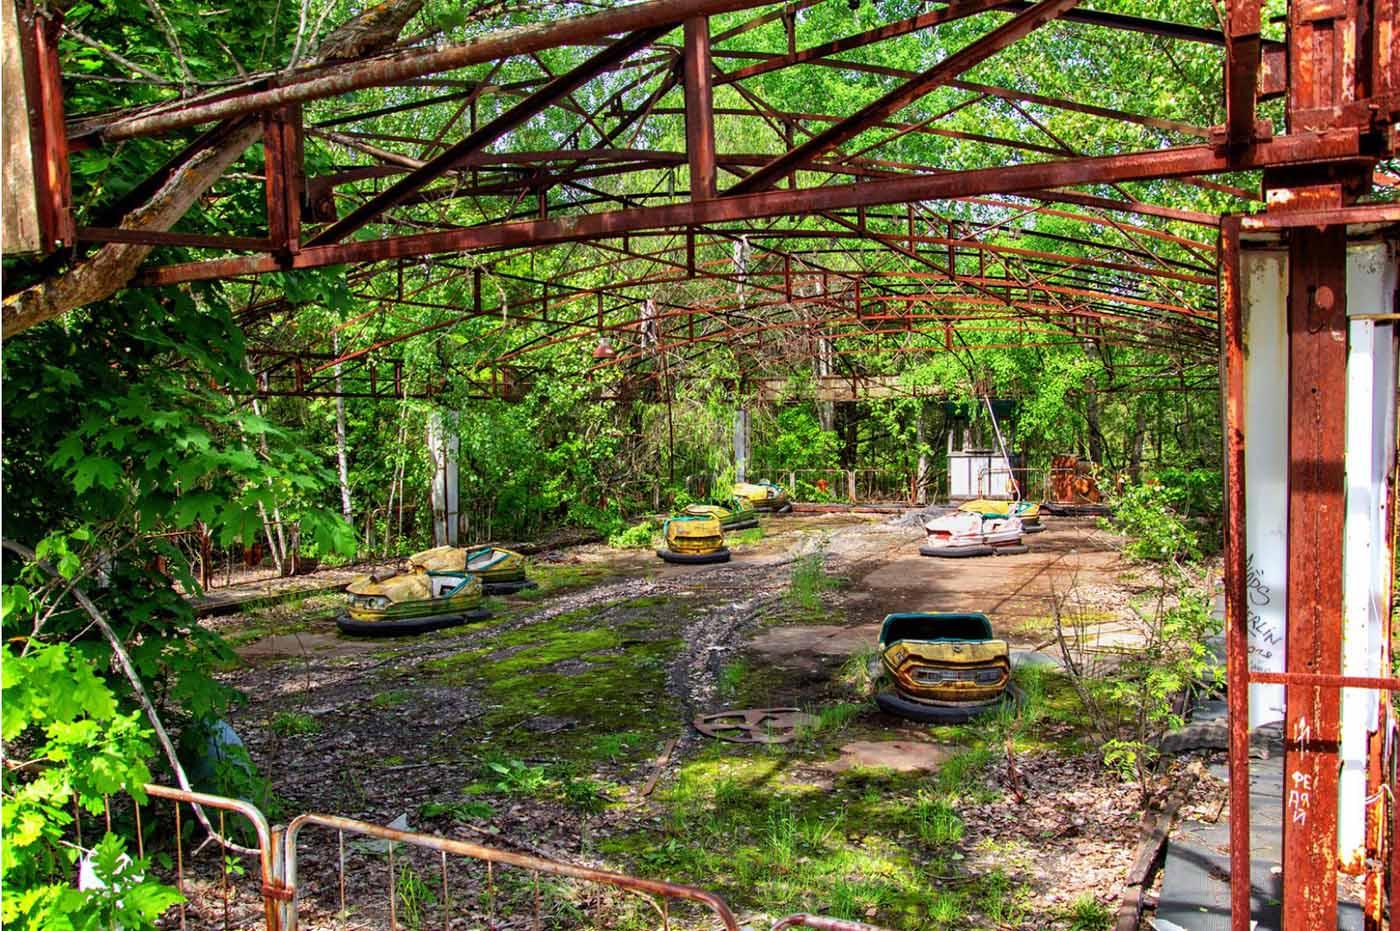 Green Chernobyl